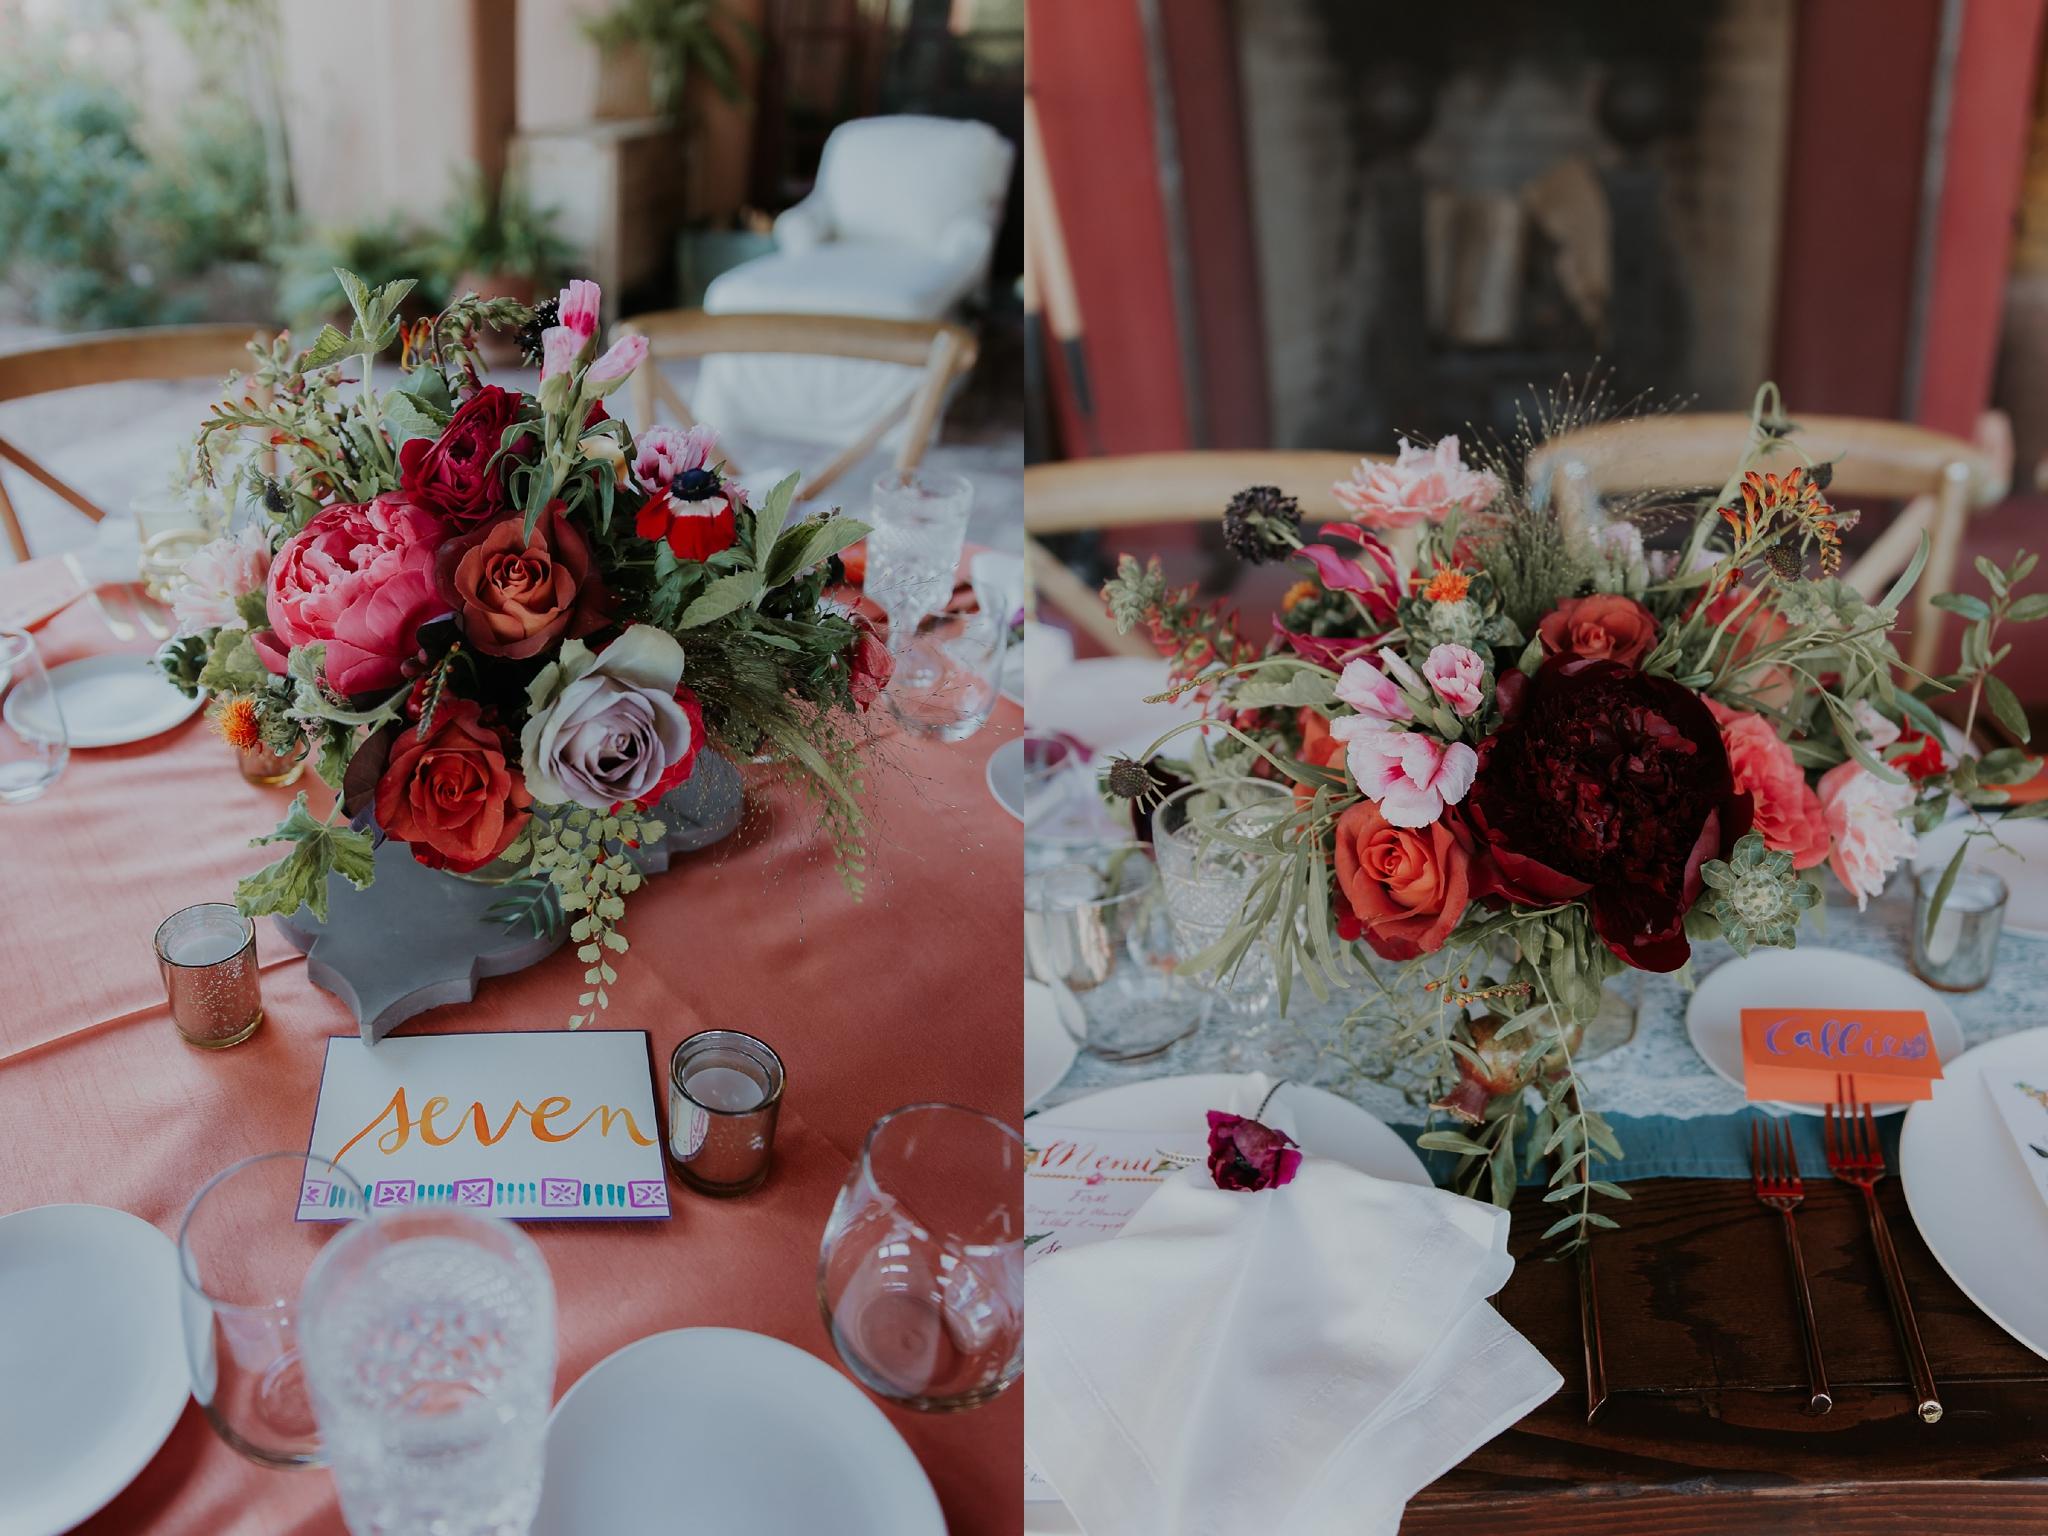 Alicia+lucia+photography+-+albuquerque+wedding+photographer+-+santa+fe+wedding+photography+-+new+mexico+wedding+photographer+-+new+mexico+florist+-+wedding+florist+-+renegade+floral_0093.jpg